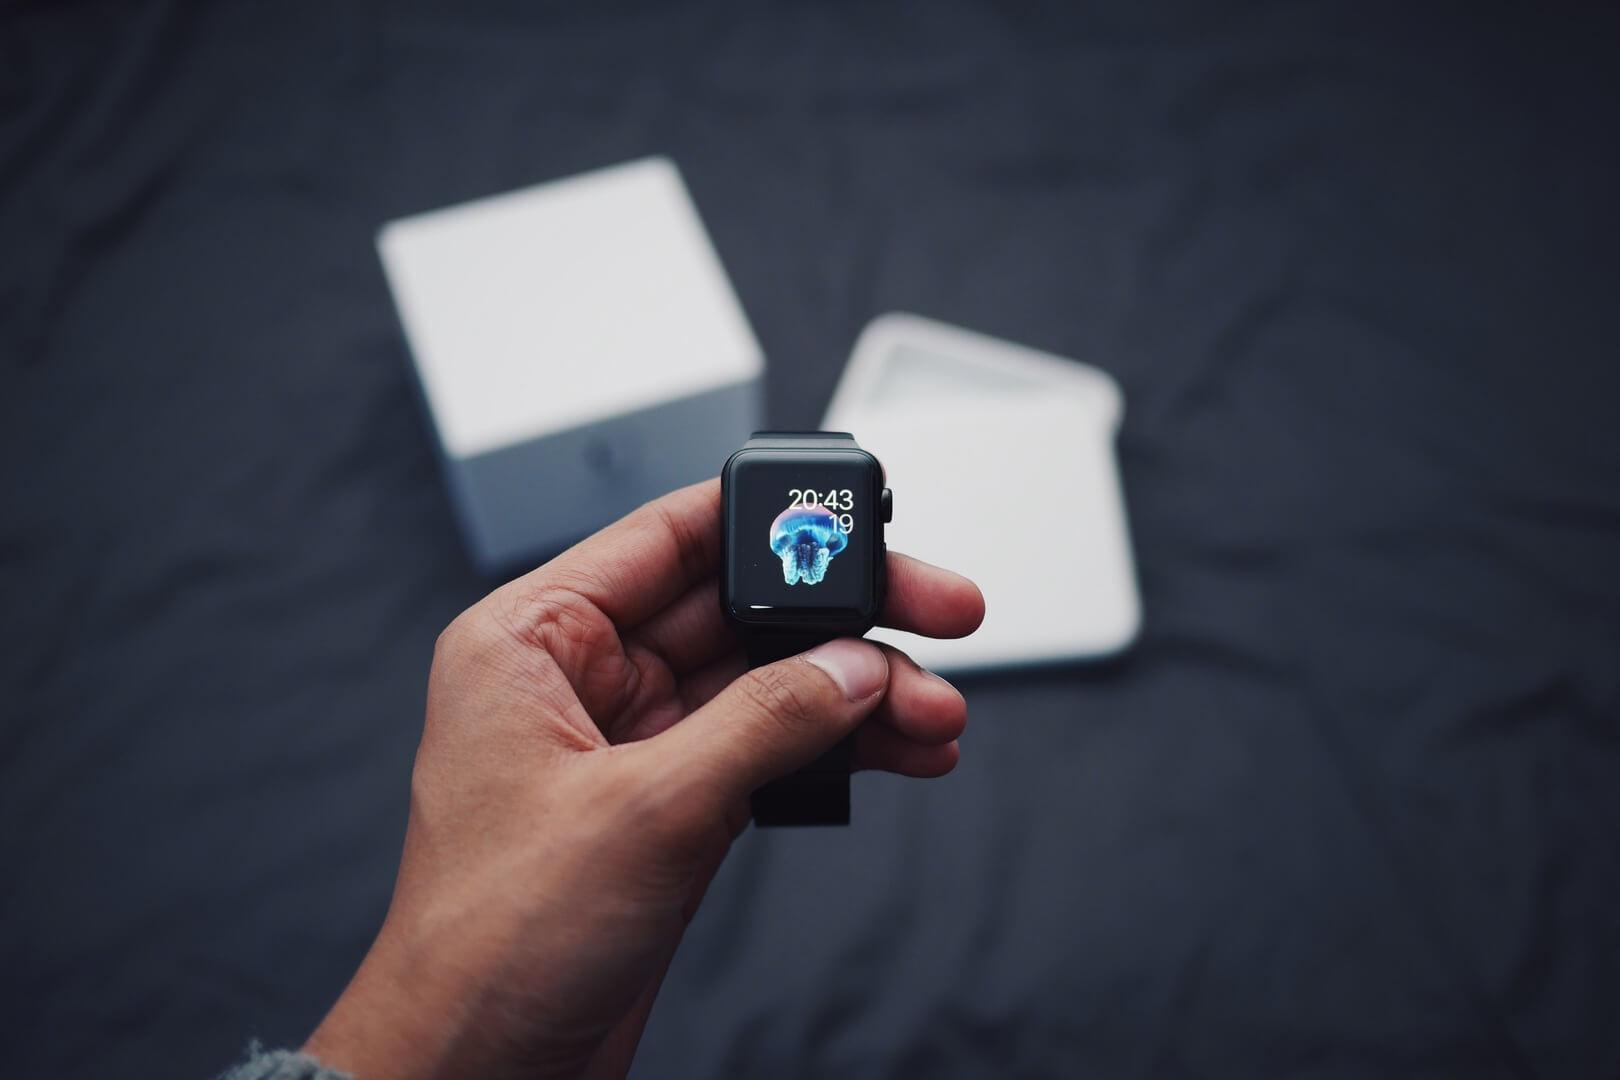 Deze 5 Internet of Things-apparaten worden vaak gehackt